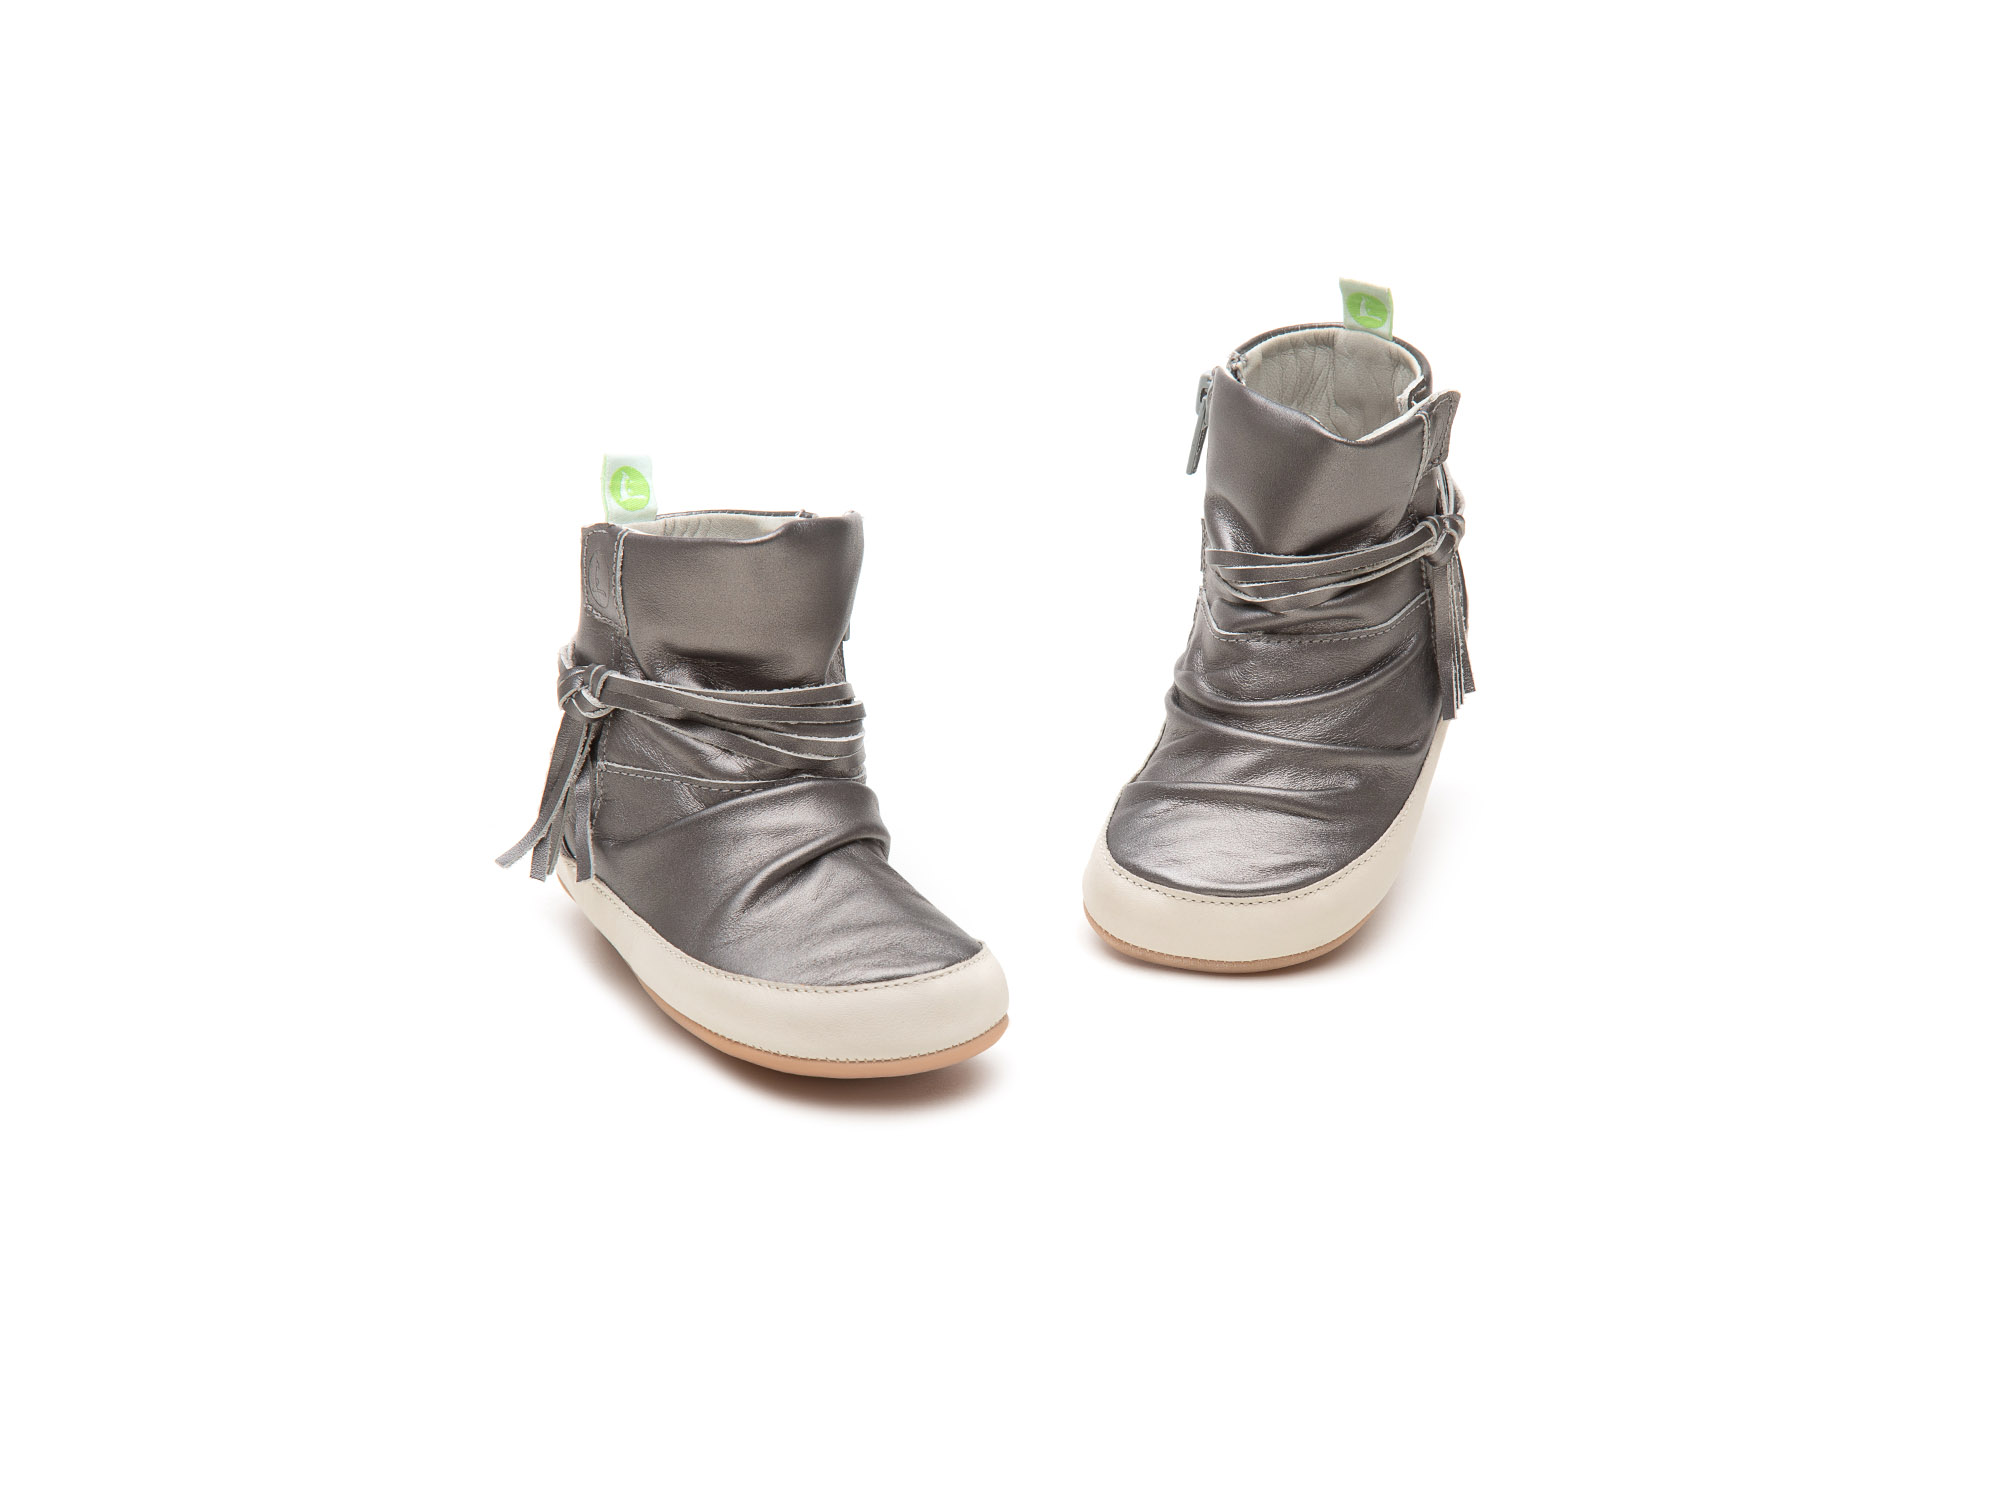 bota Bebê feminino ridgey